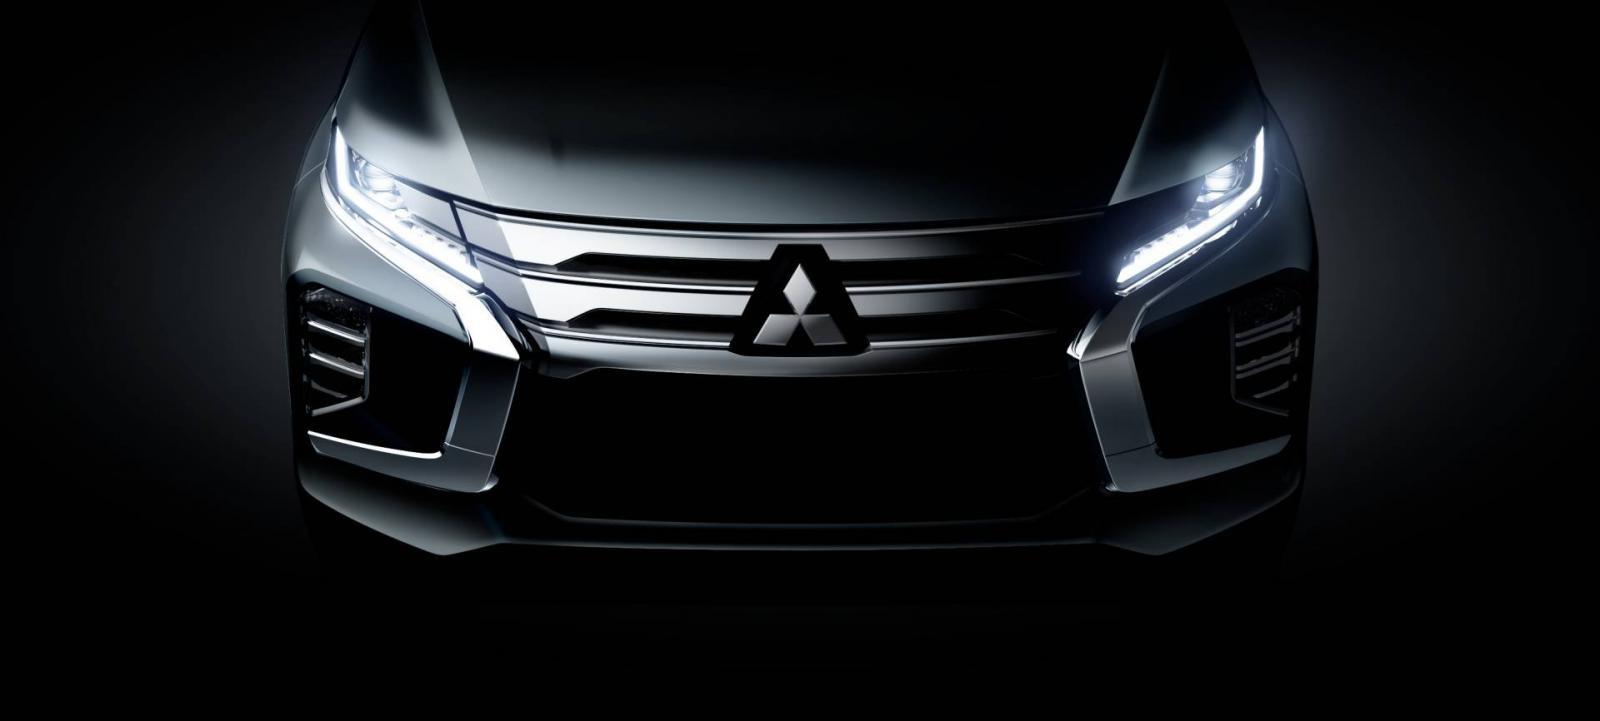 Thiết kế đầu xe theo ngôn ngữ Dynamic Shield của Mitsubishi Pajero Sport 2020